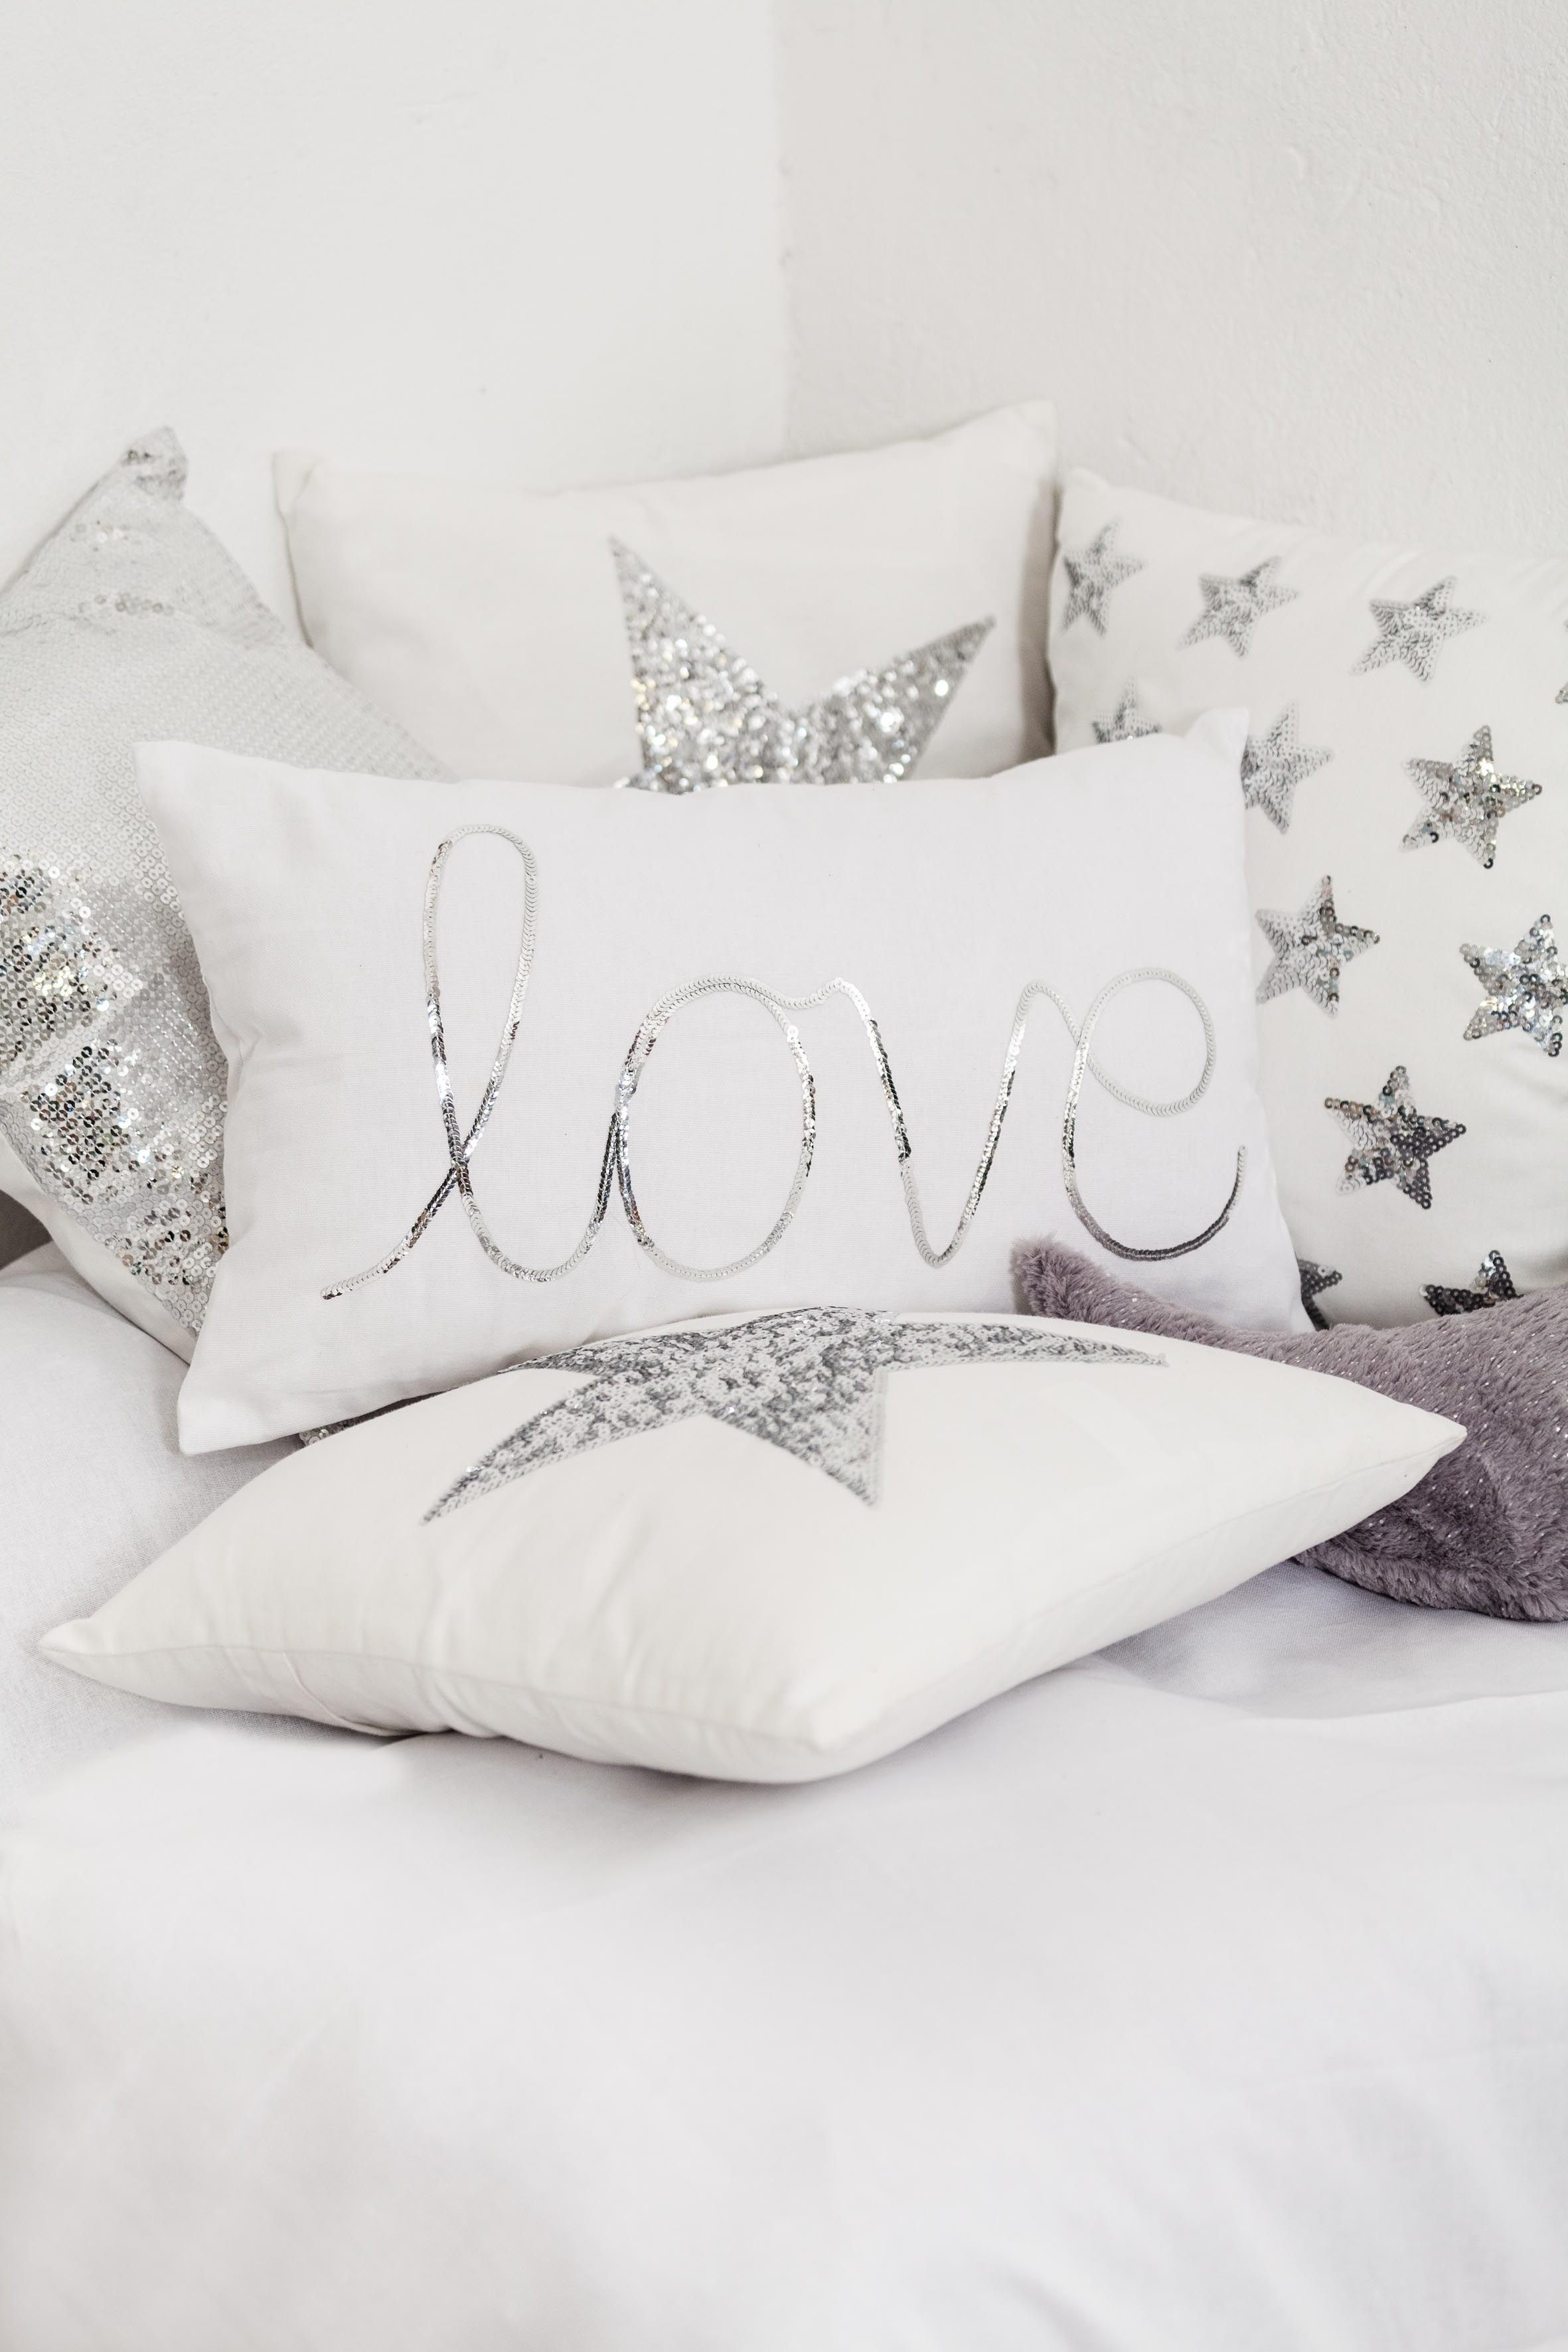 Lentejuelas en los textiles #muymucho #cojín #love #estrella #plata ...